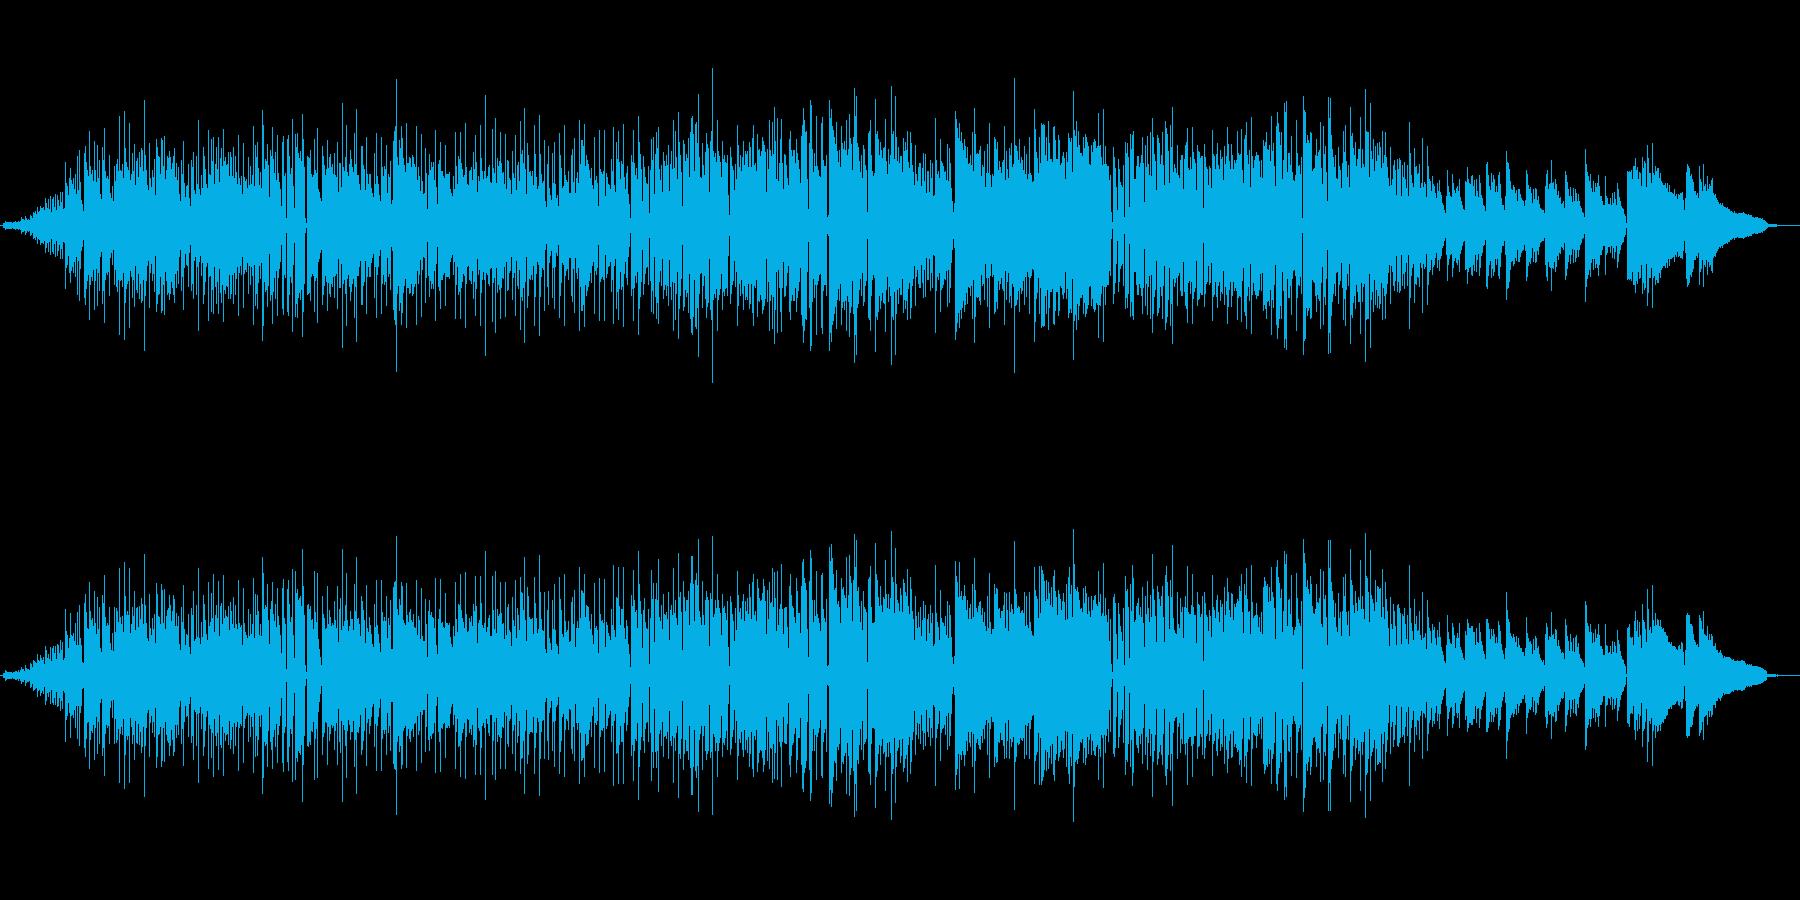 邪魔にならない明るいボサノバ 天気予報の再生済みの波形